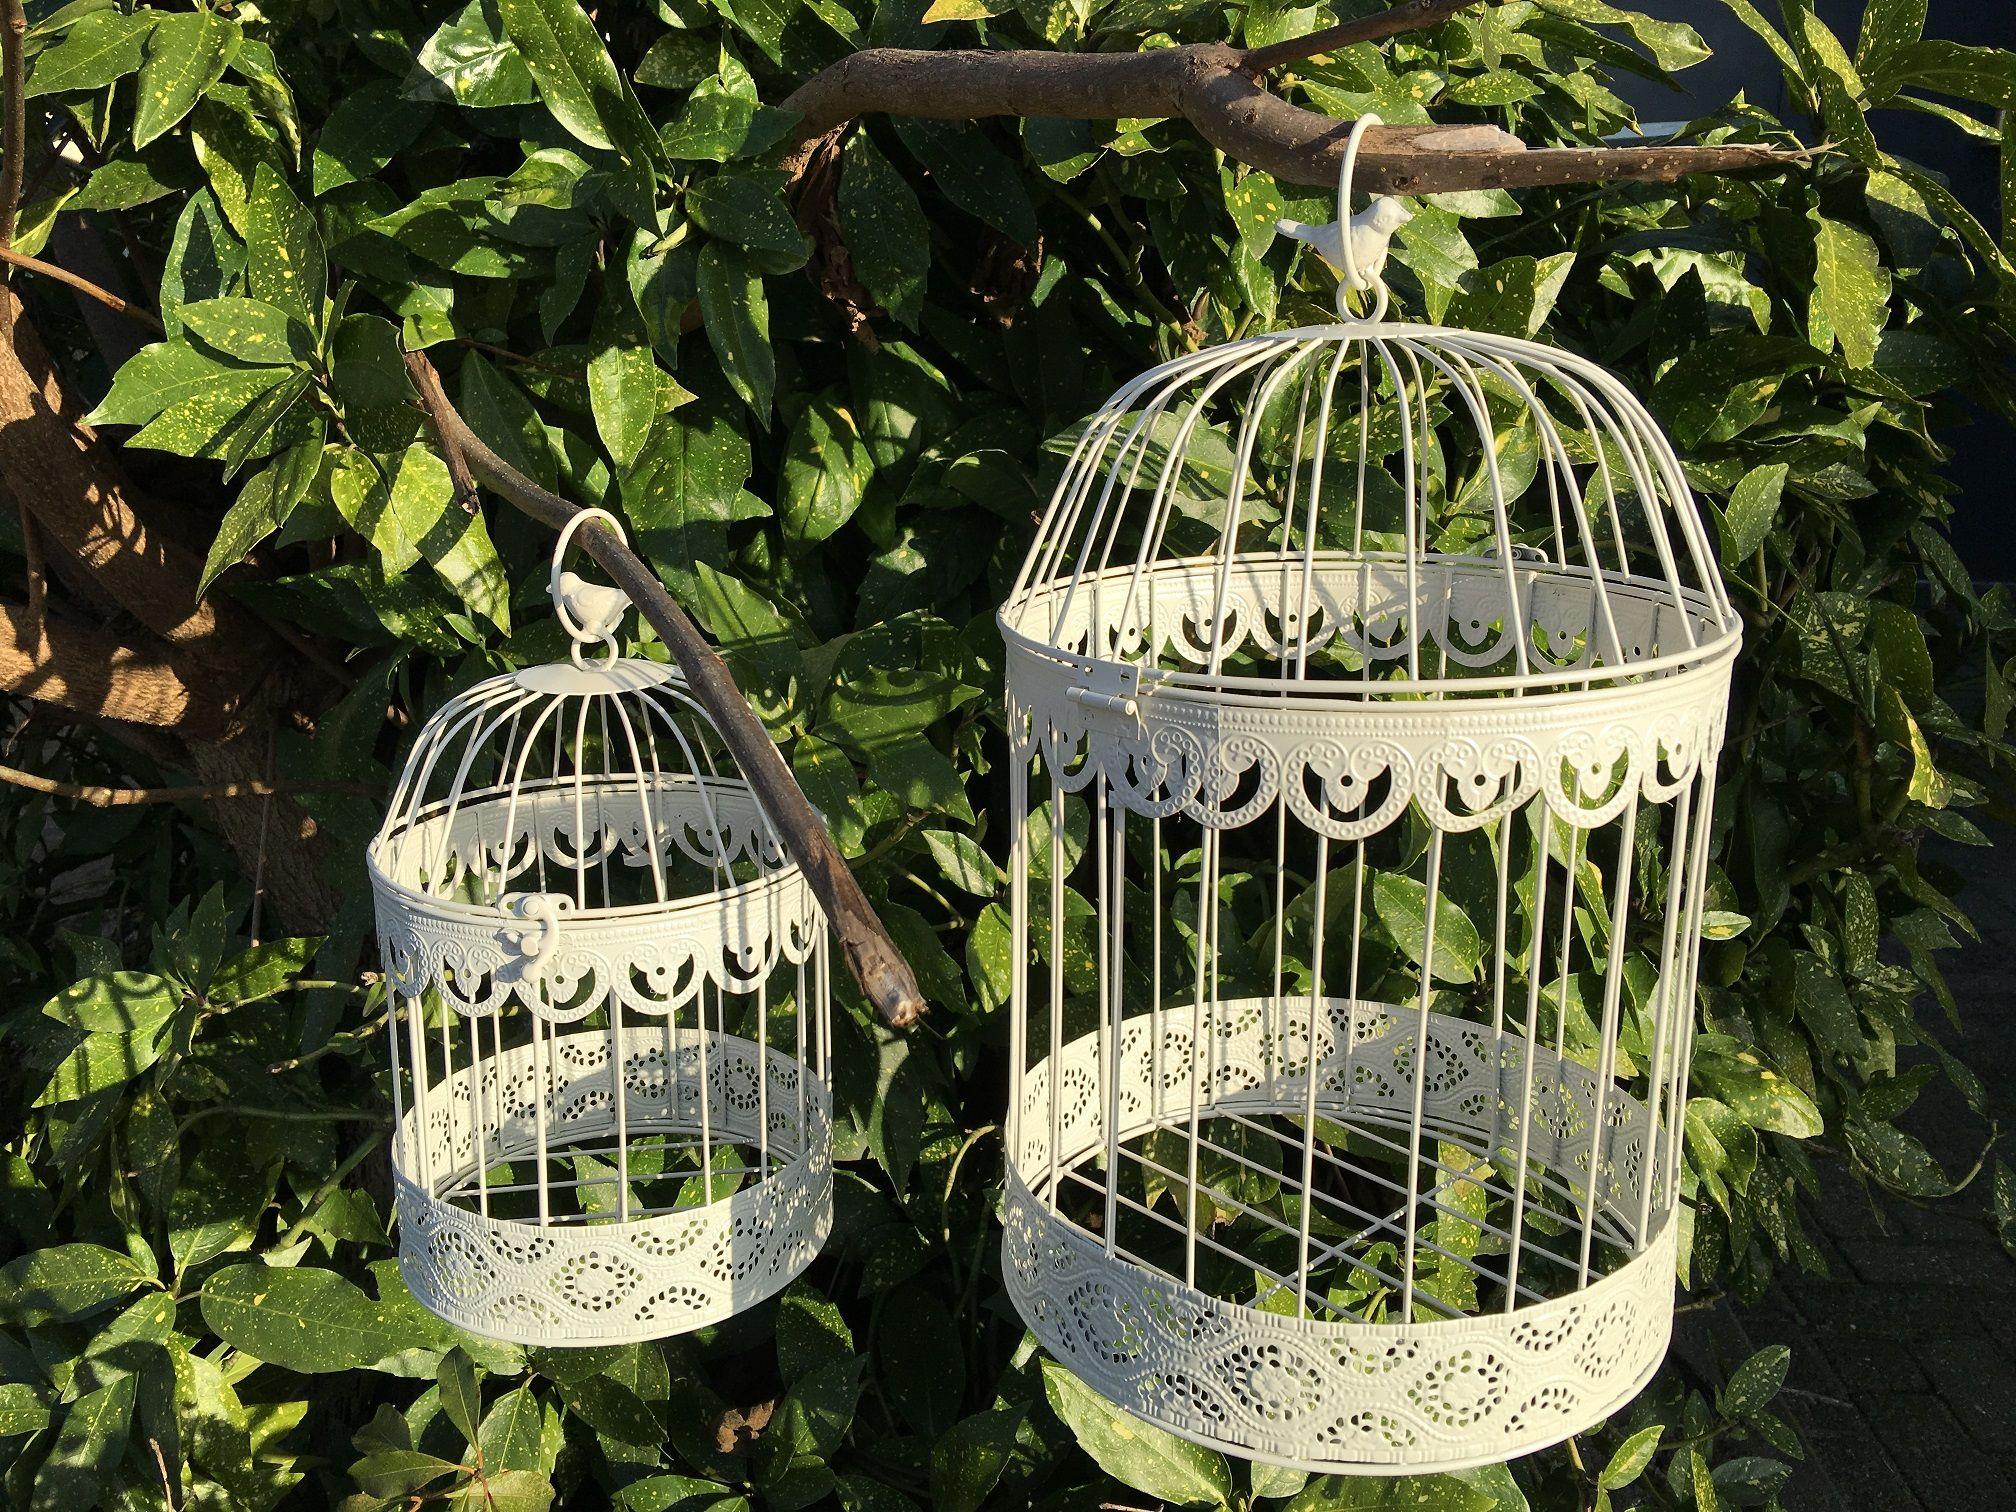 Kooien vogelhuisje sieraden kooi vogelkooien decoratief kooien